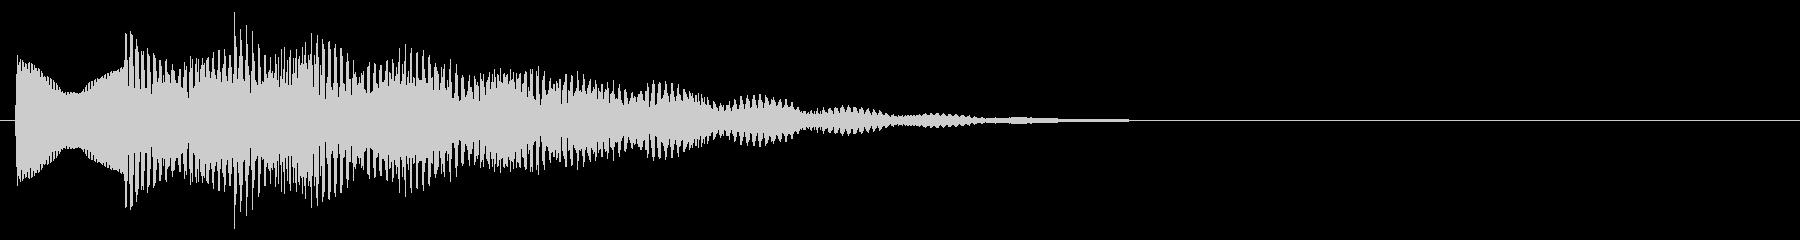 マレット系 決定音09(長三和音)の未再生の波形